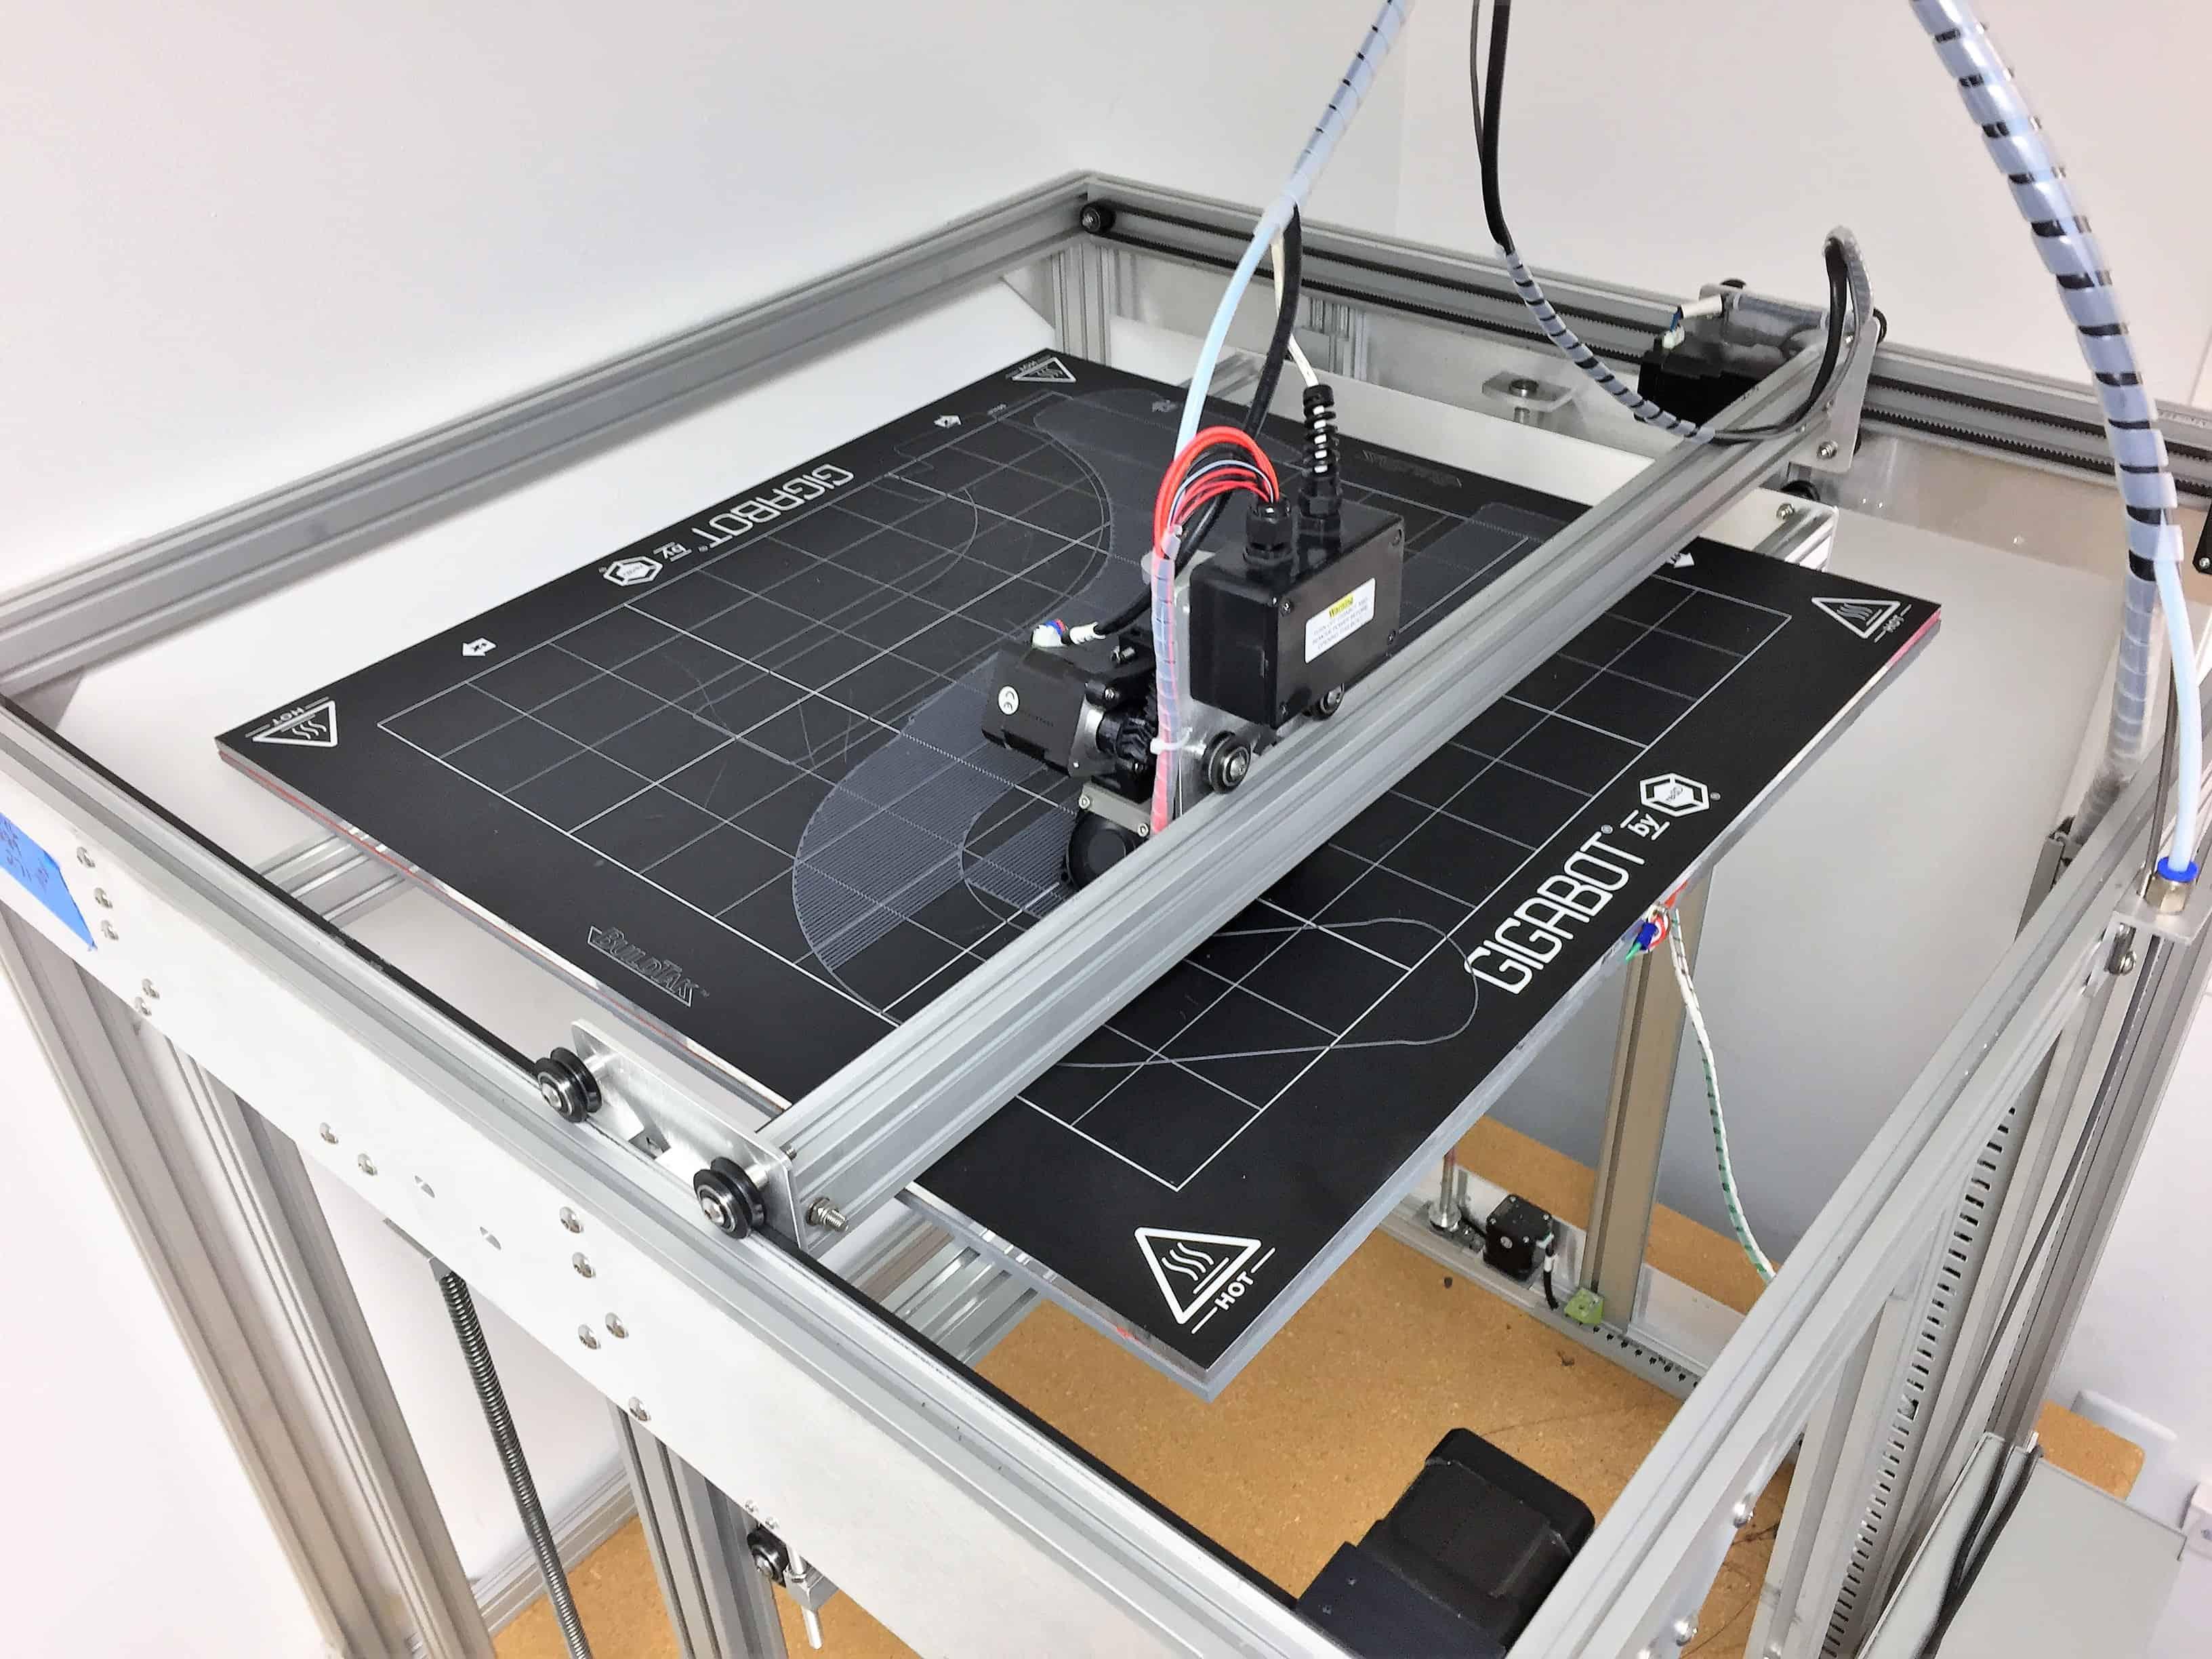 3D Printing at CorkSport